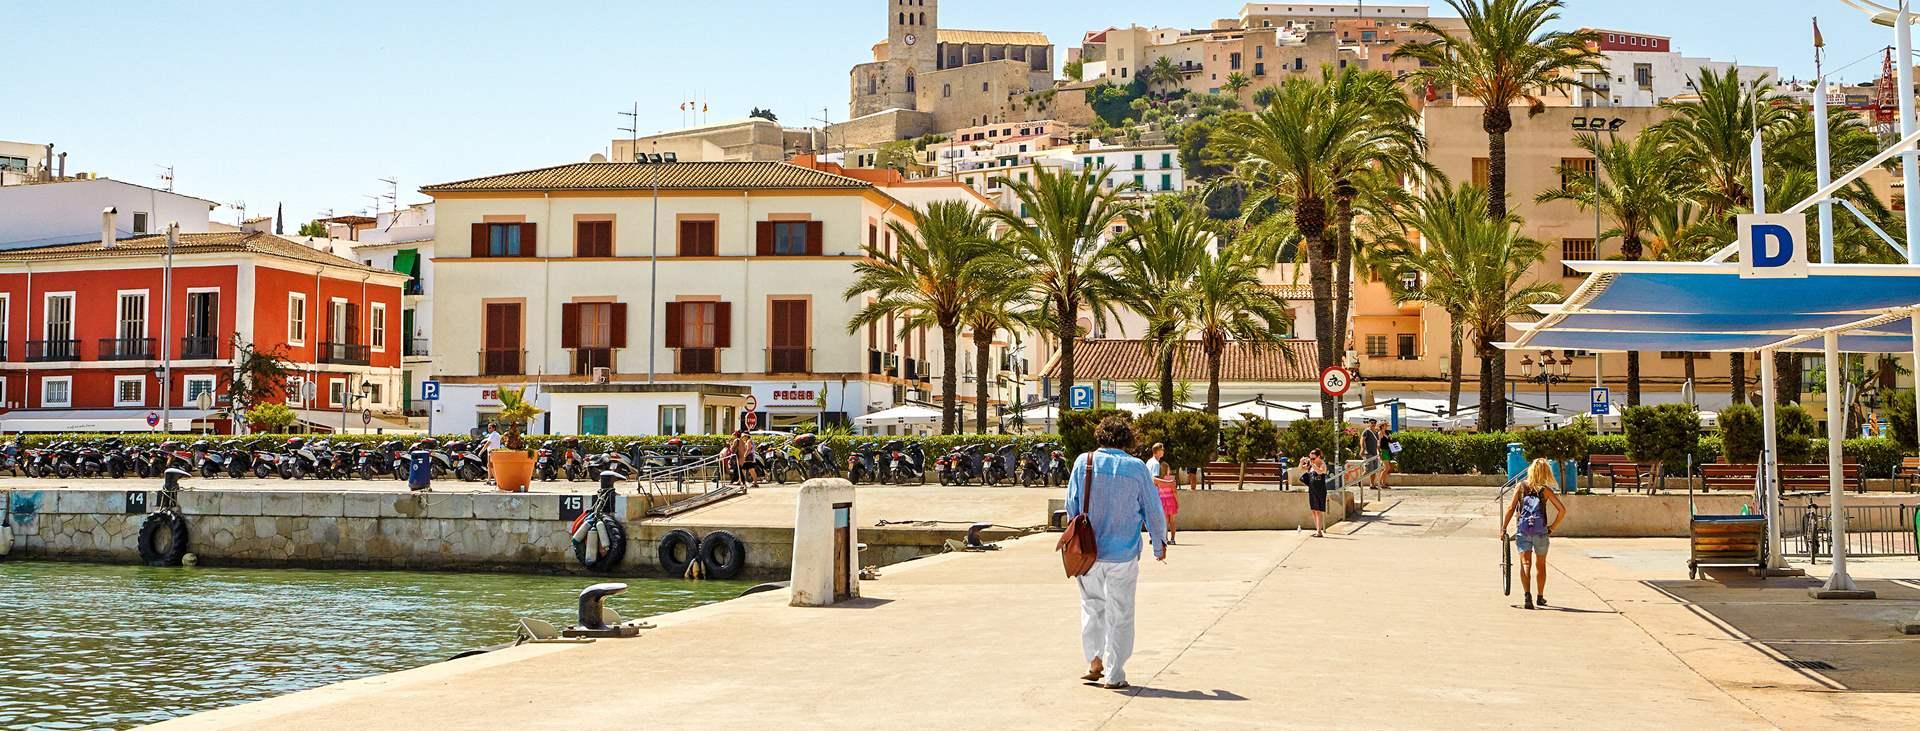 Boka din resa till Ibiza stad i Spanien med Ving